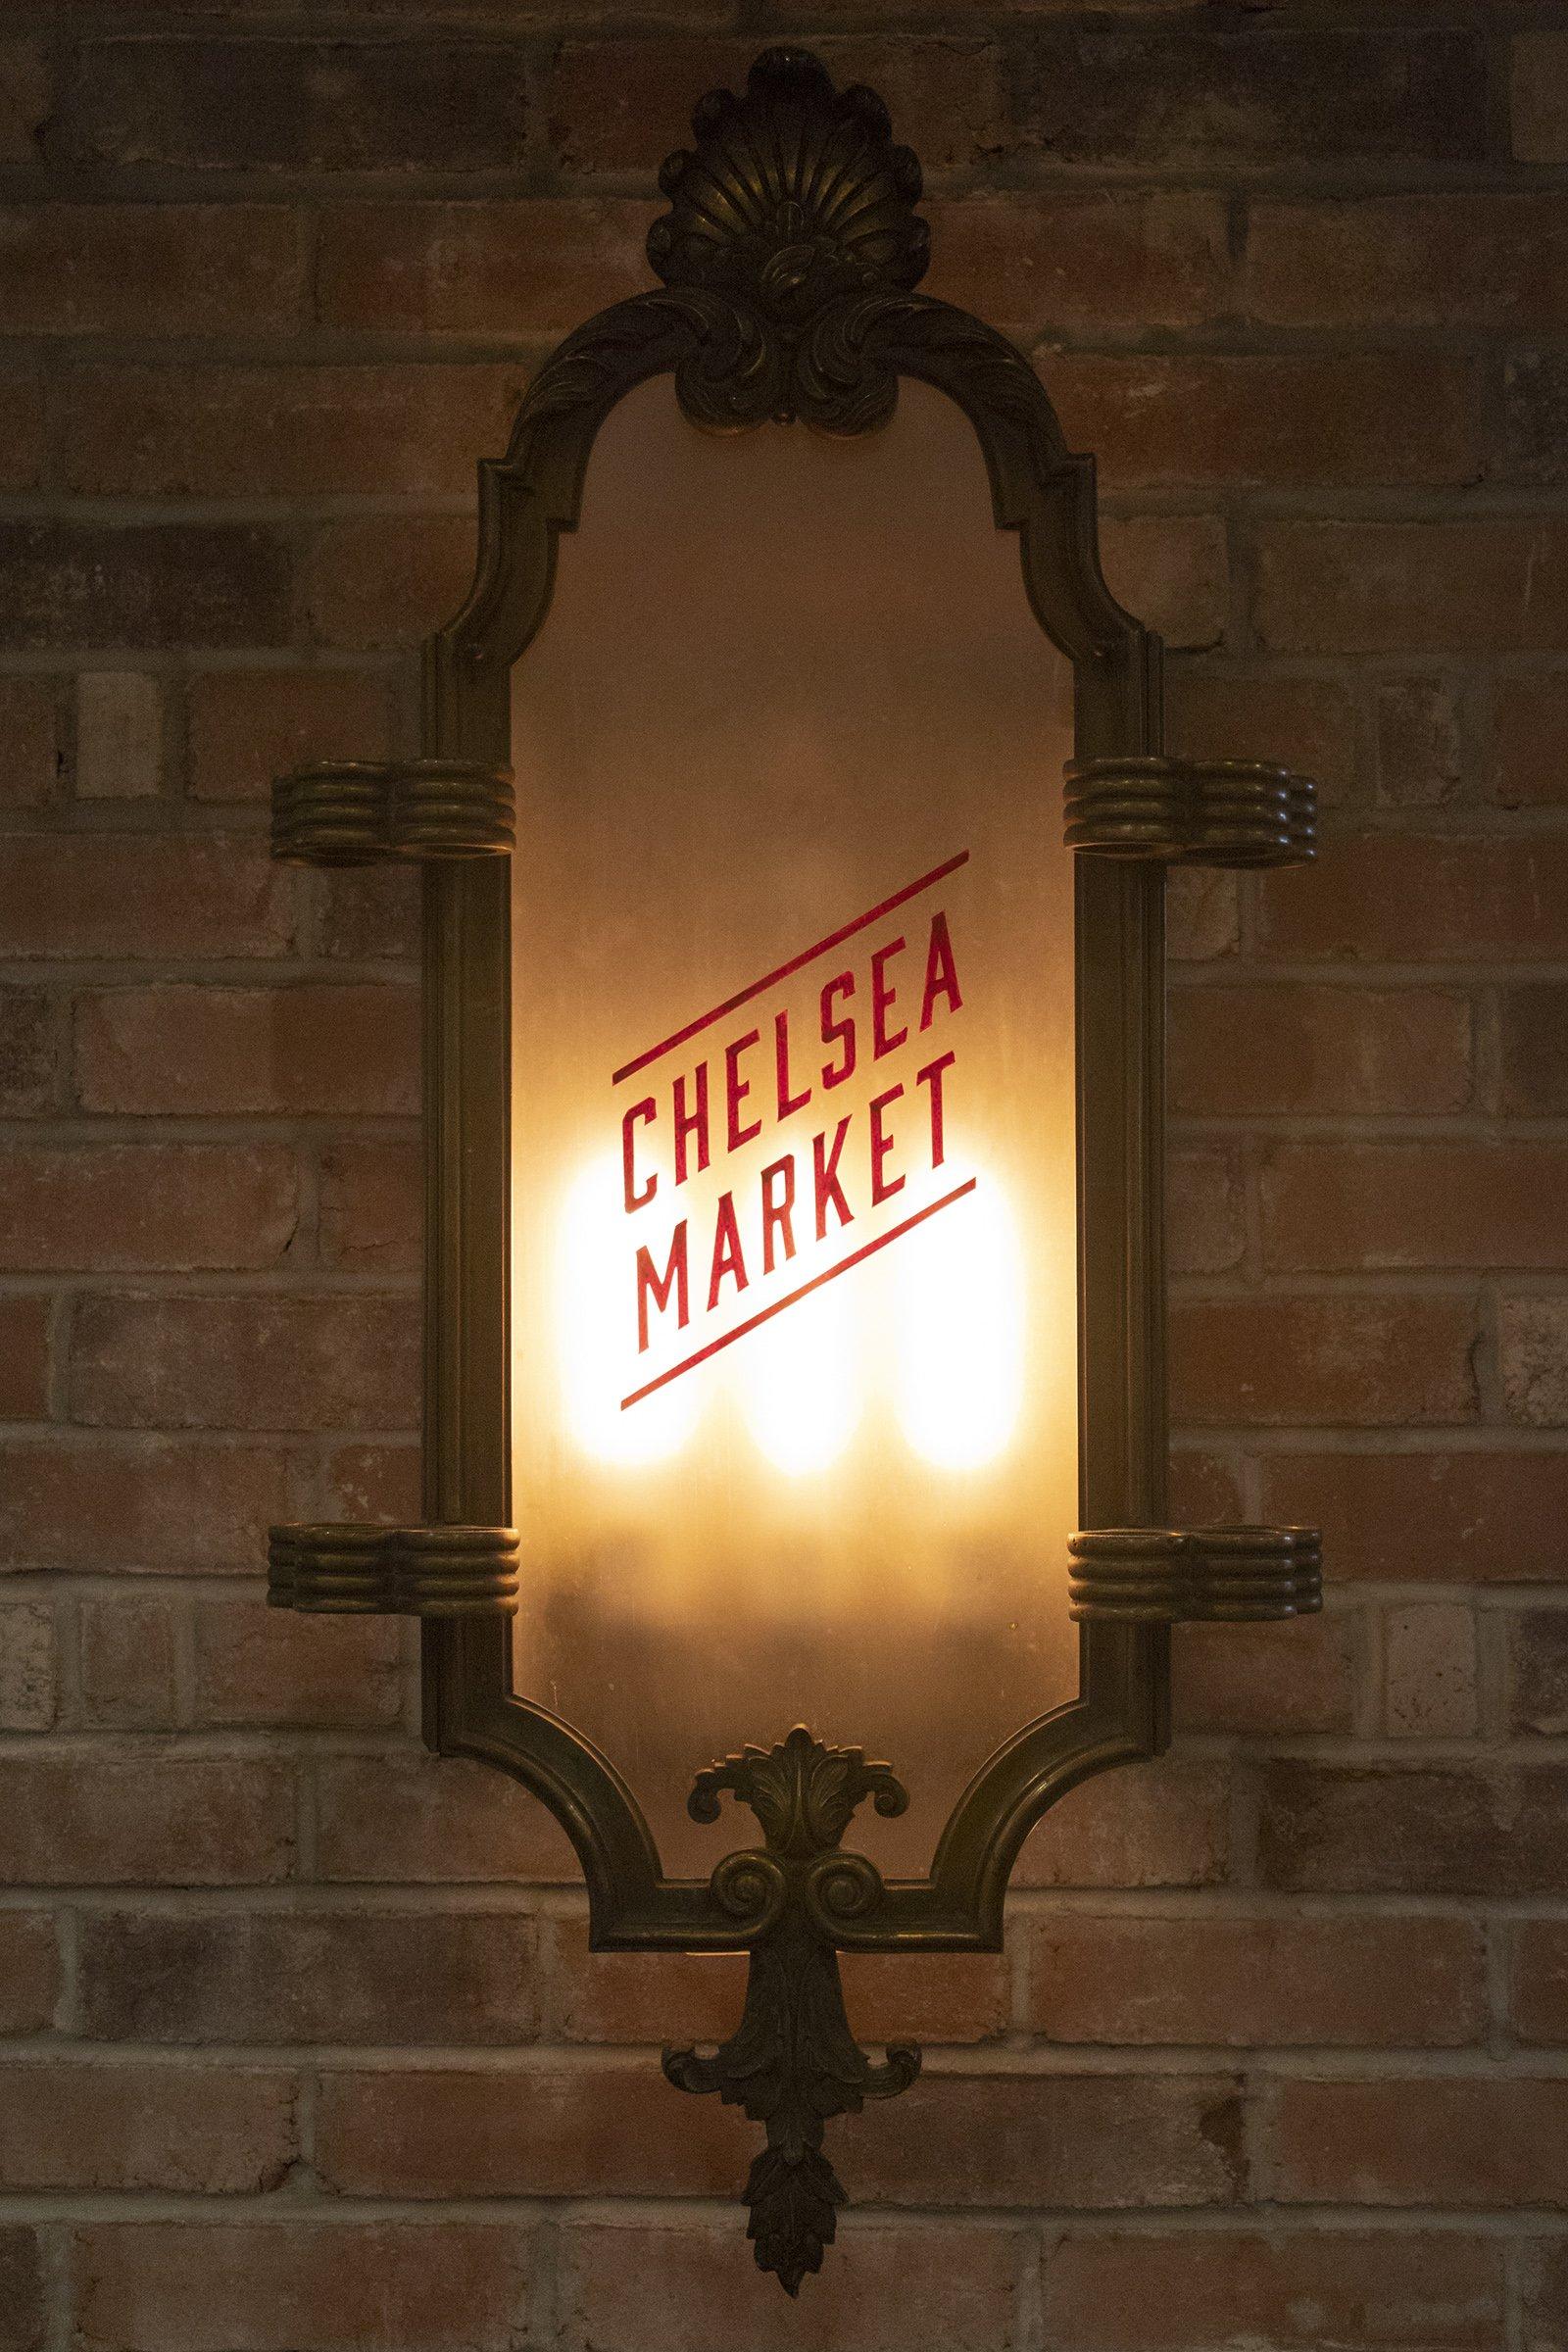 Chelsea Market light sign